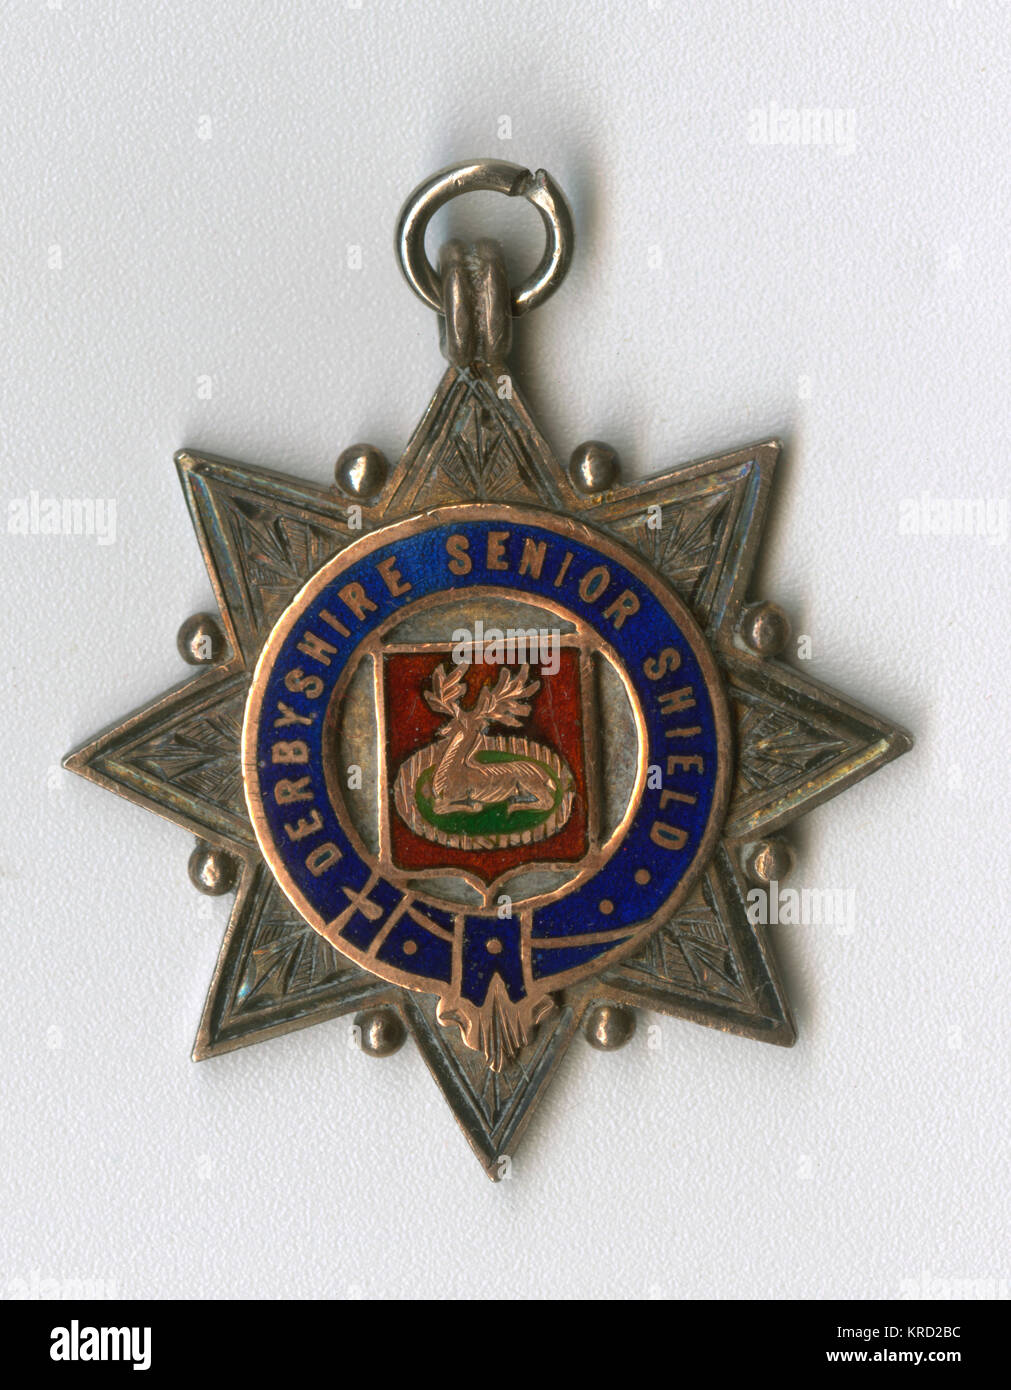 Médaille sportive de l'écran principal du Derbyshire, décerné à la deuxième place Photo Stock